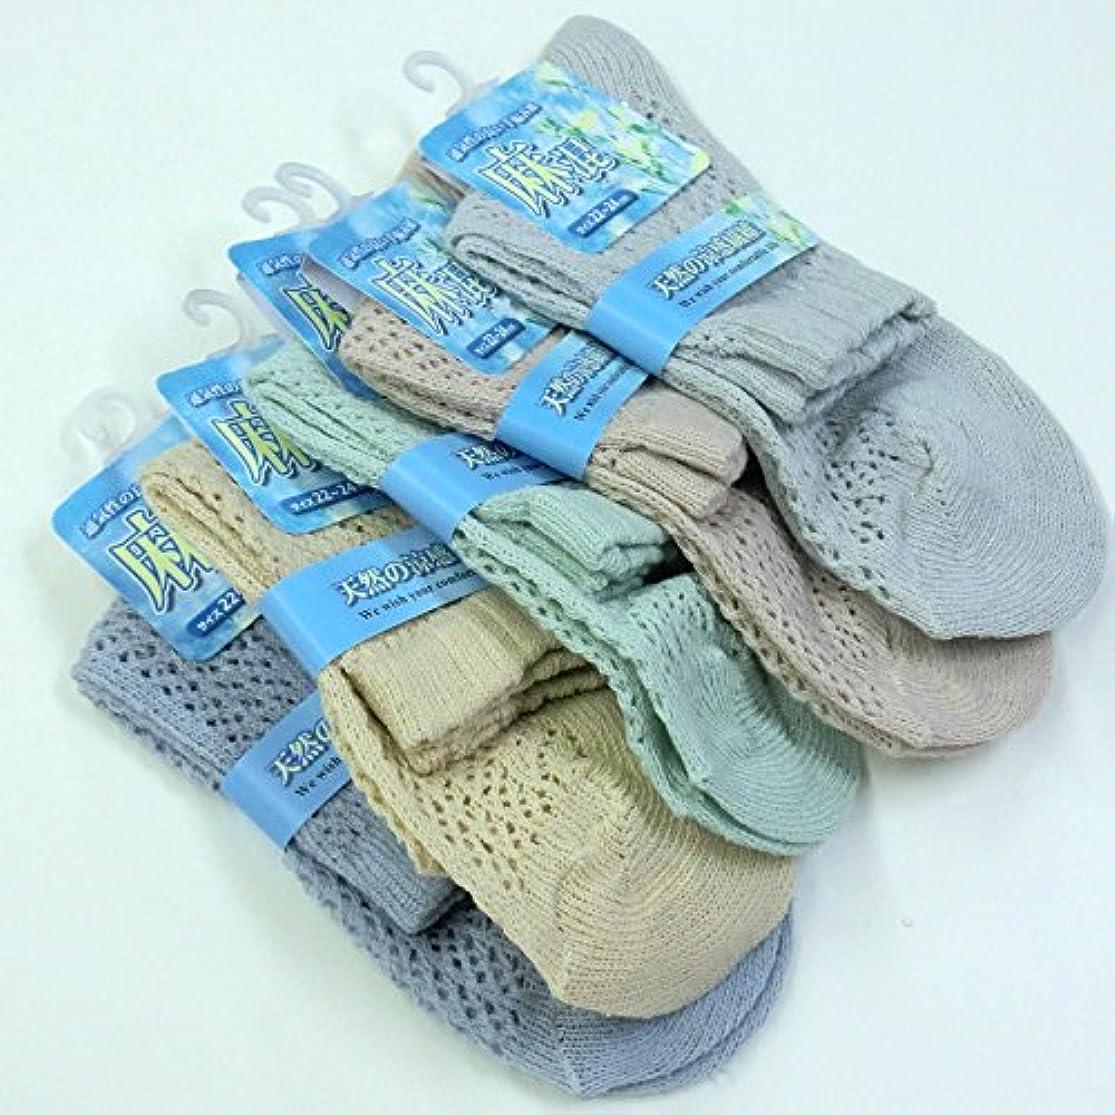 靴不利パンチ靴下 レディース 麻混 涼しいルミーソックス おしゃれ手編み風 5色5足組